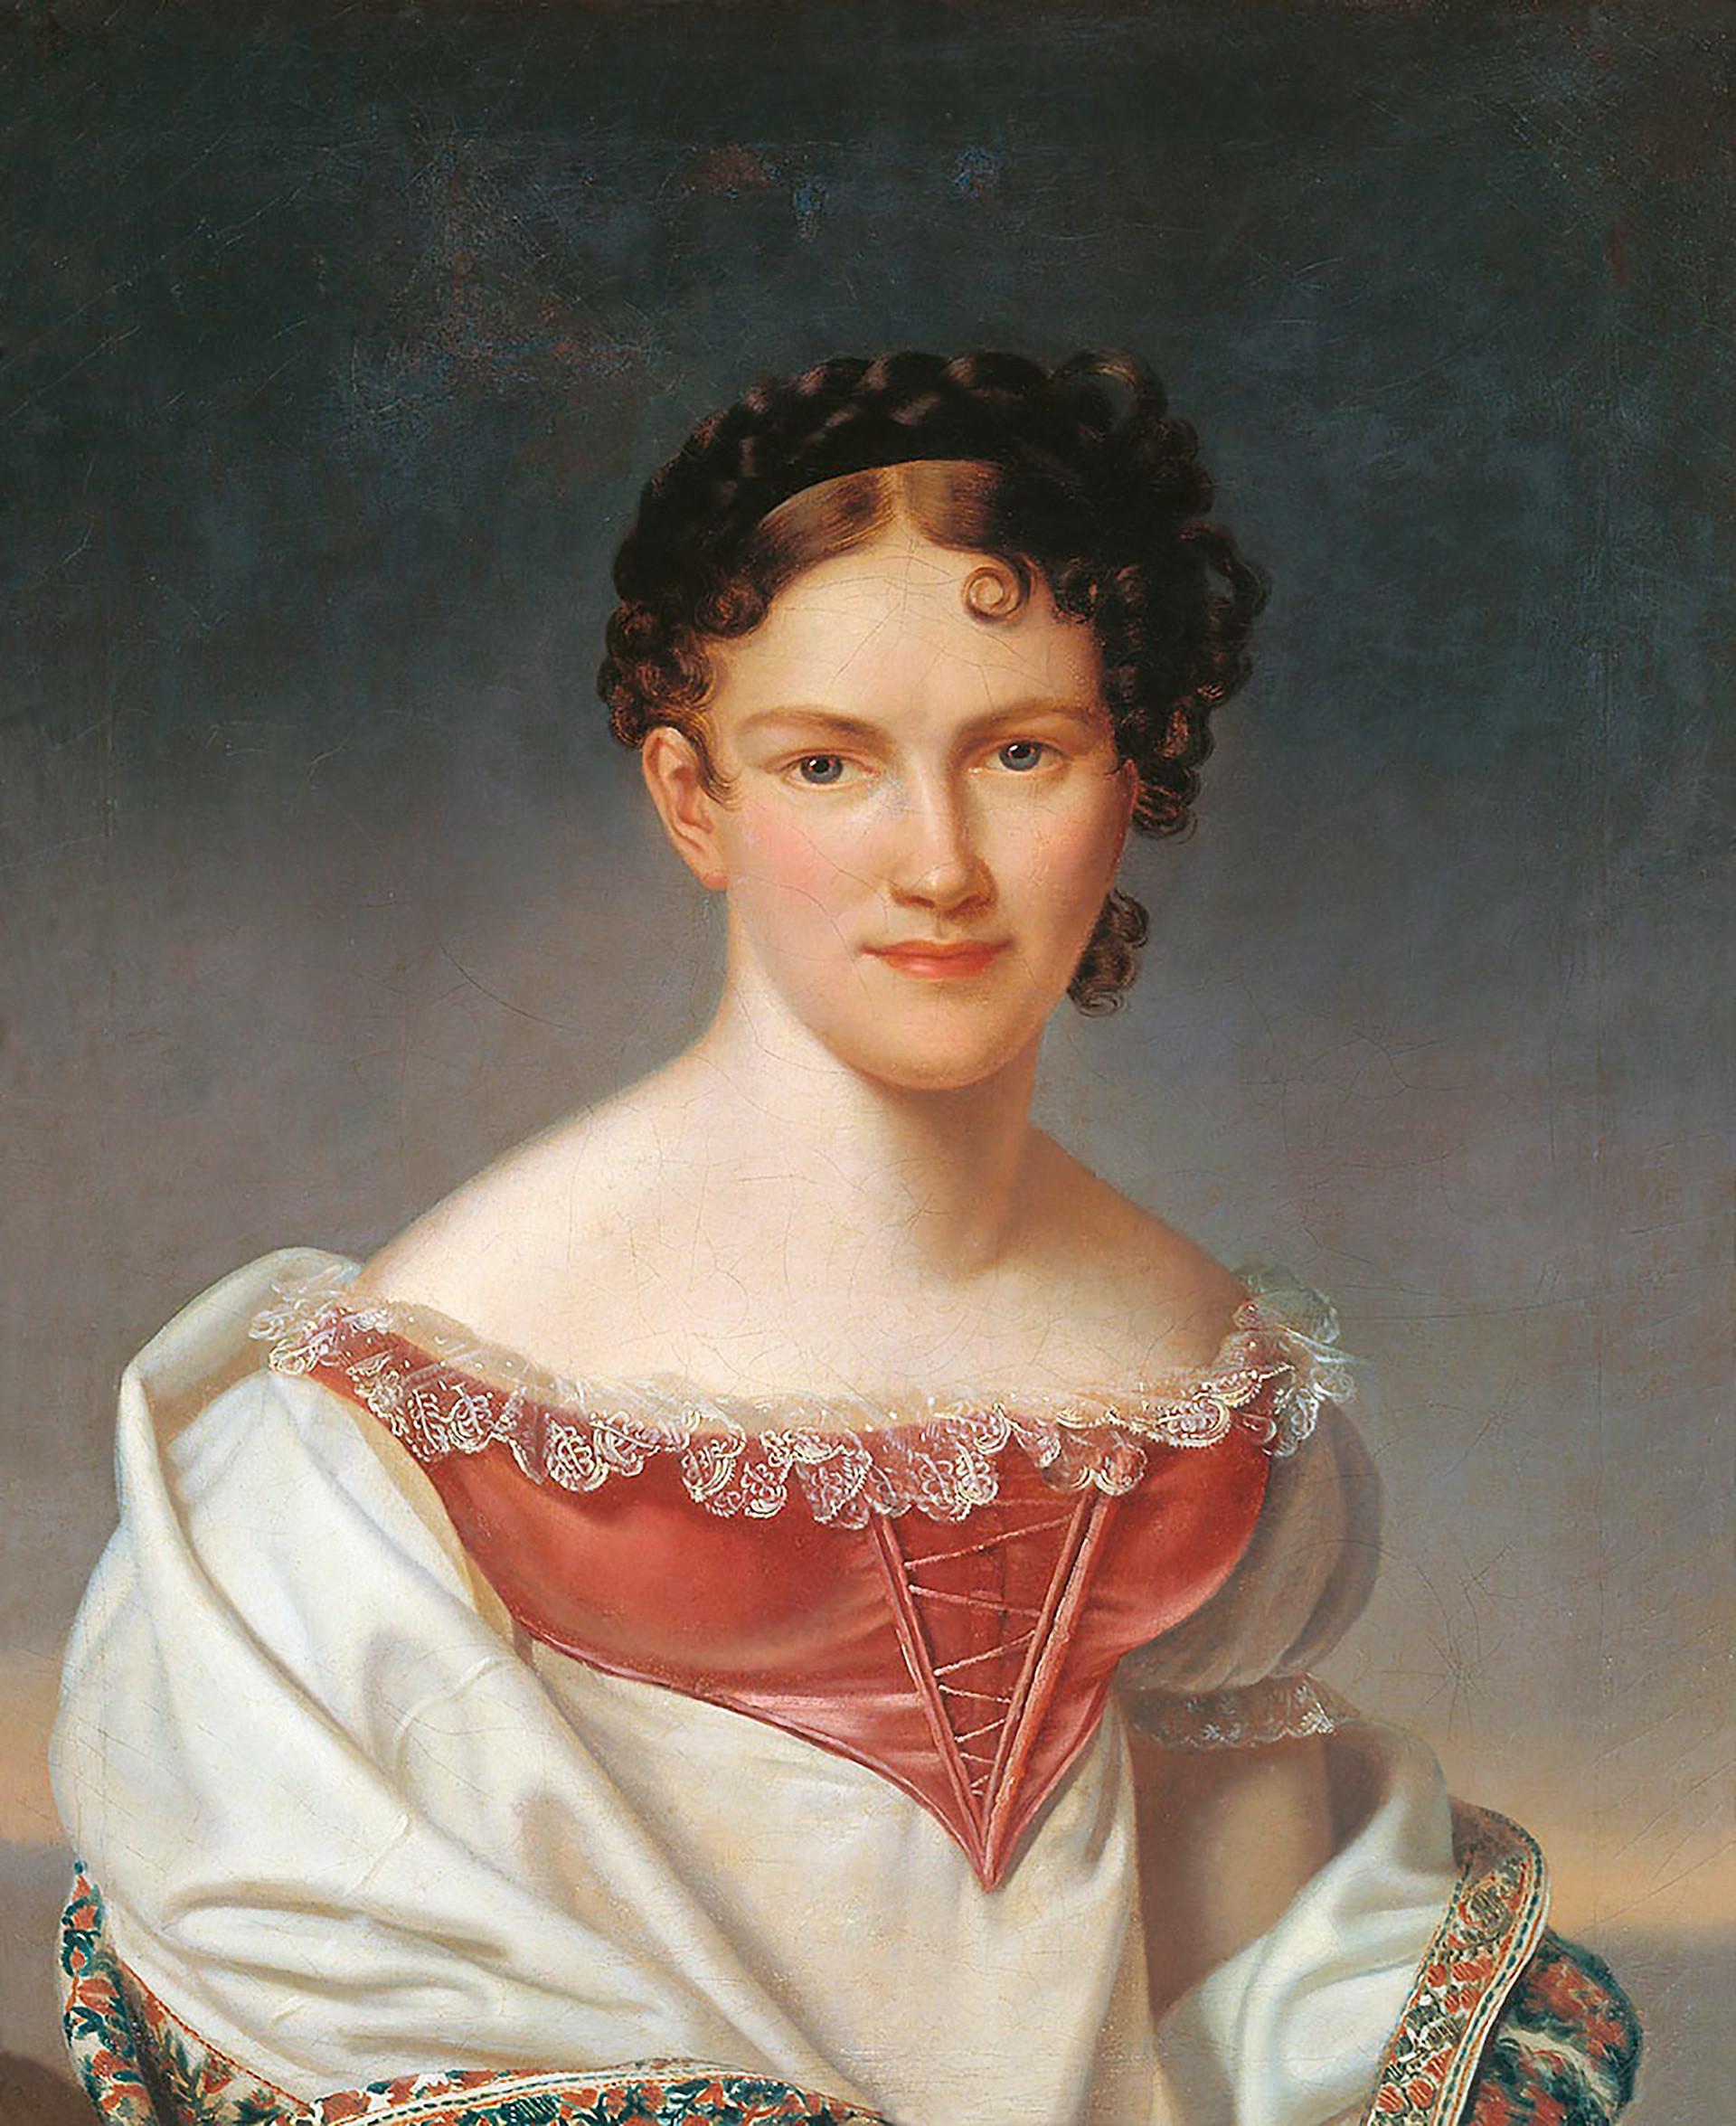 アヴドチヤ・イストミナ、1820年代